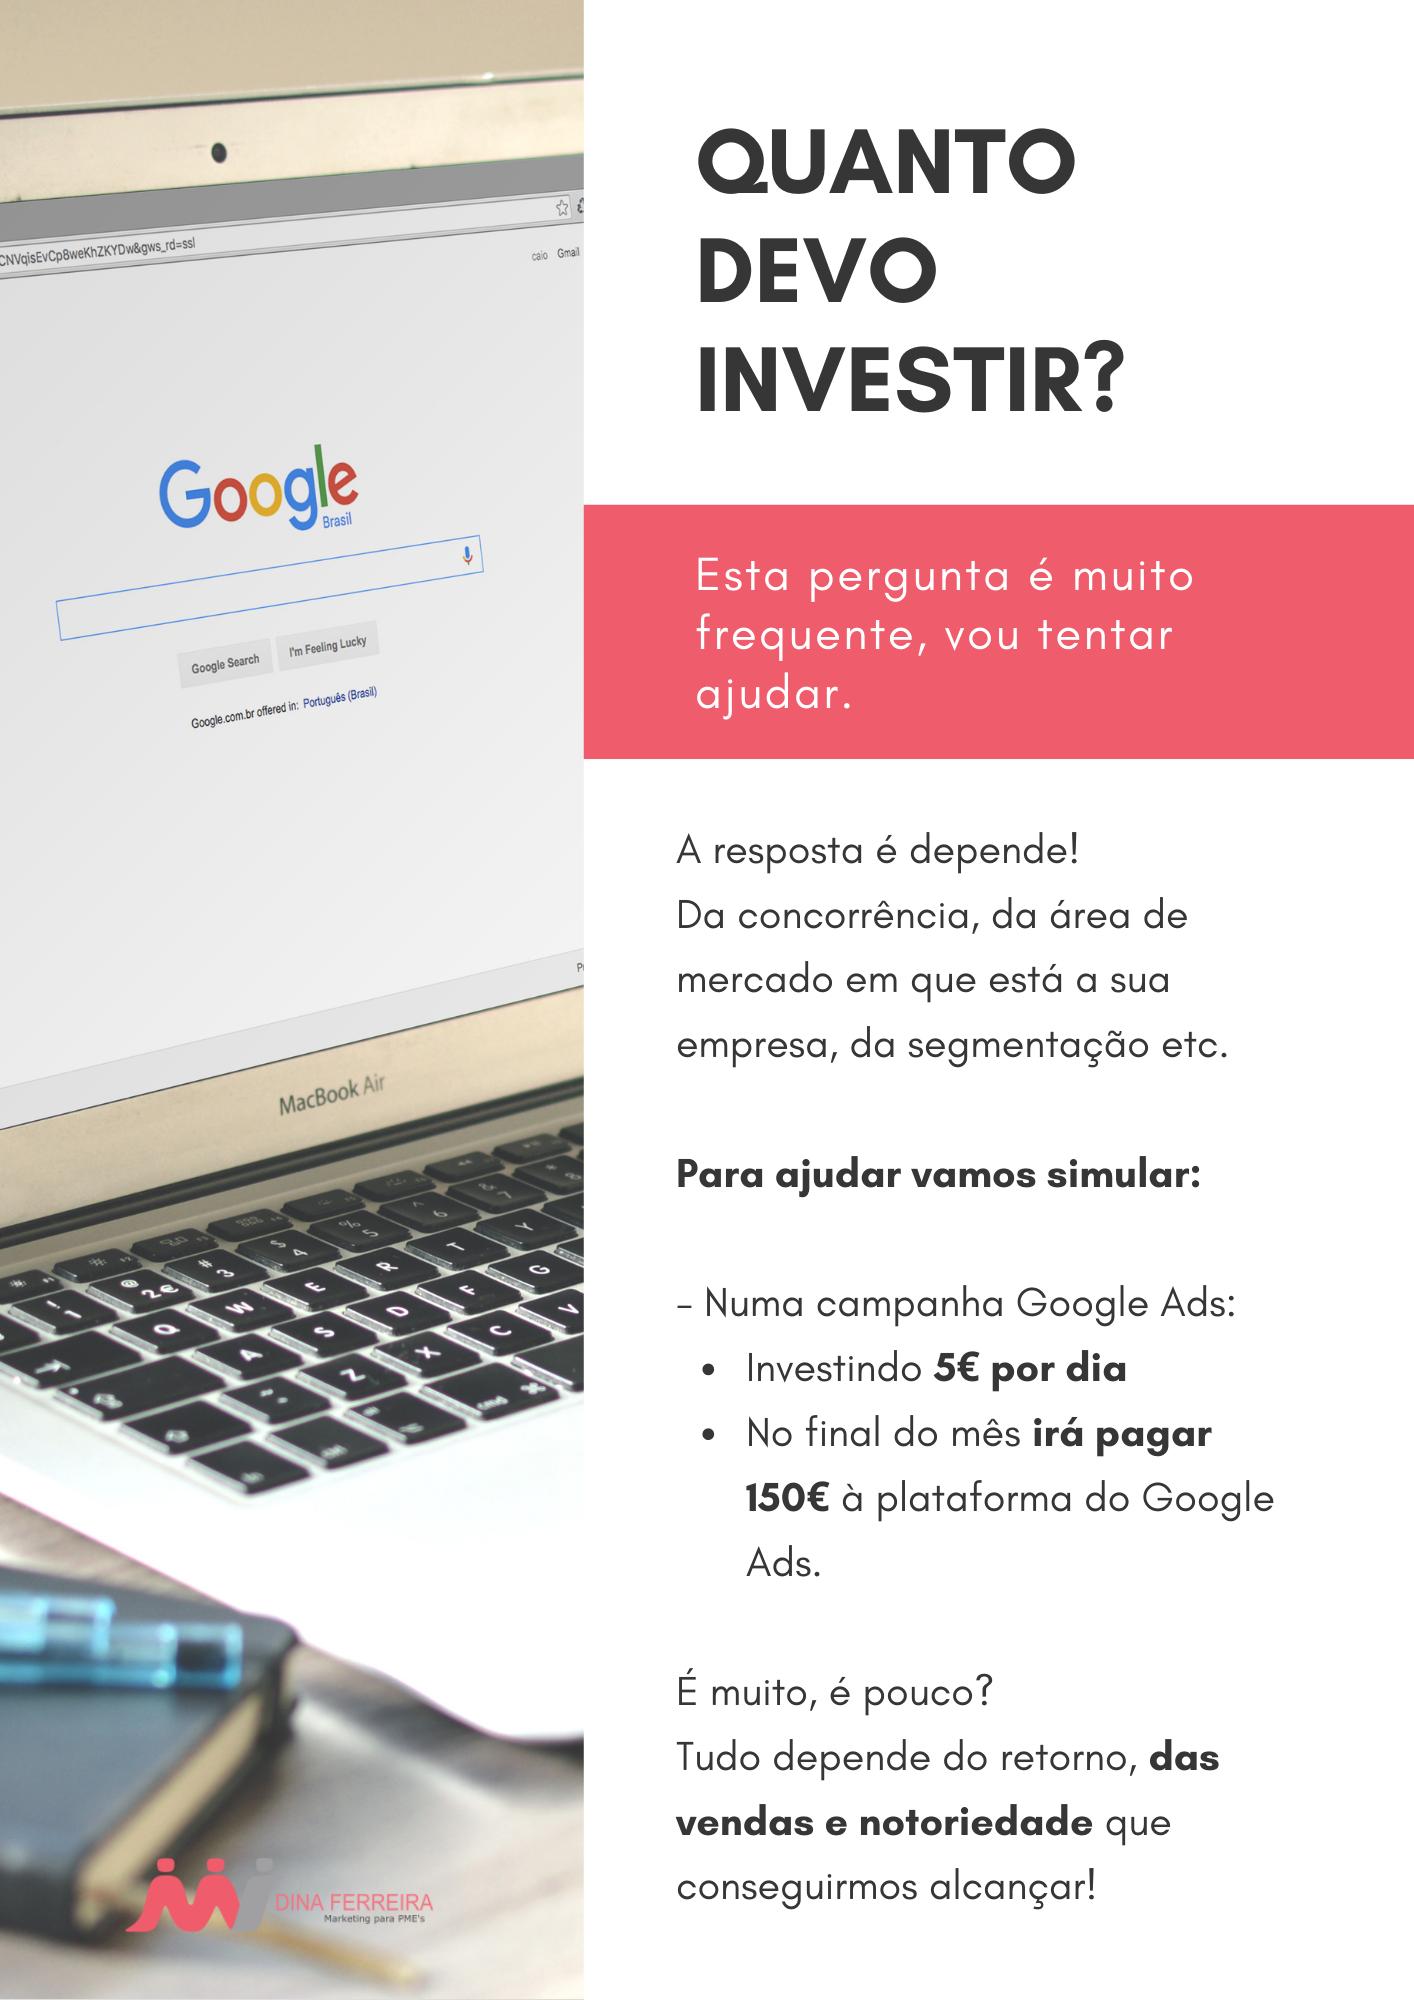 quanto devo investir em google ads